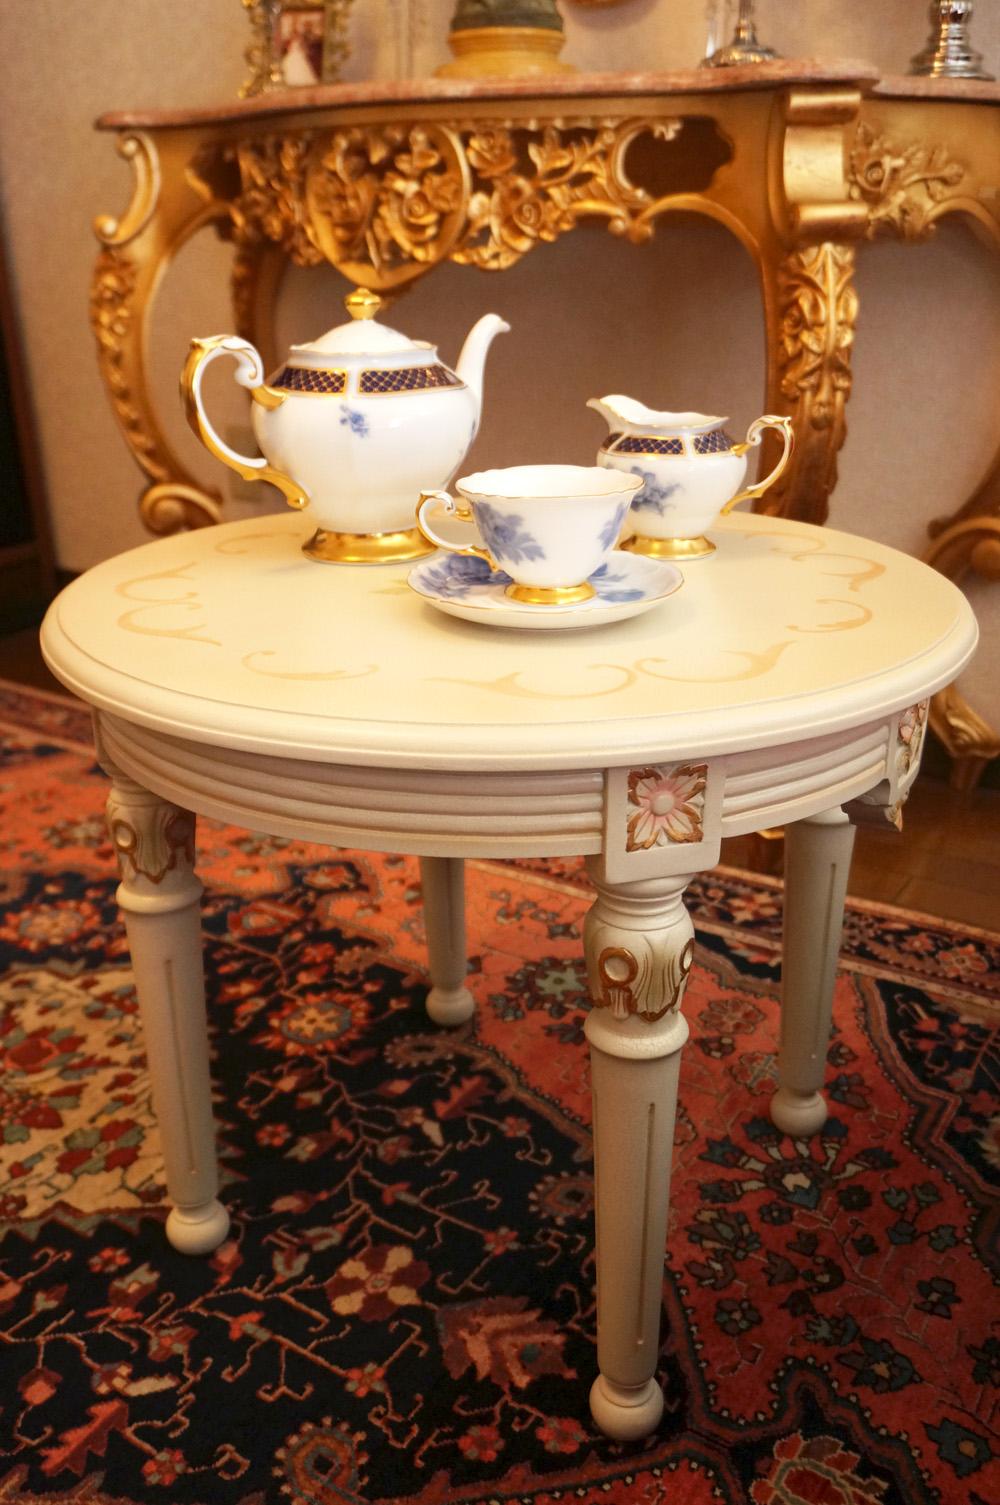 イギリス製 ホワイトローズ サイドテーブル シーン